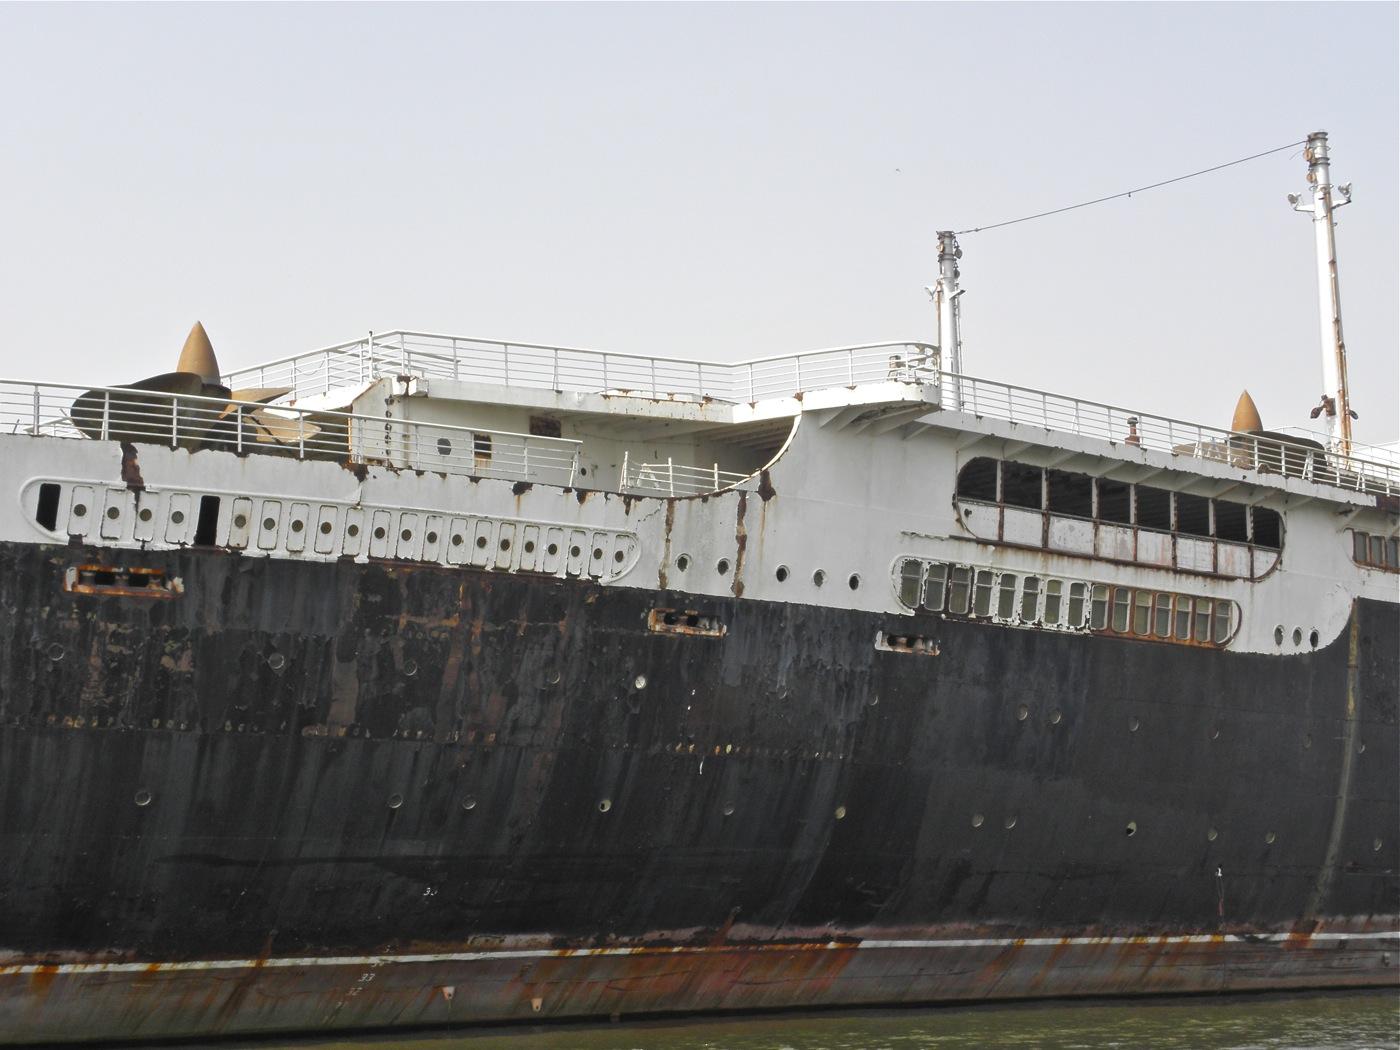 The Delaware S Doomed Ships